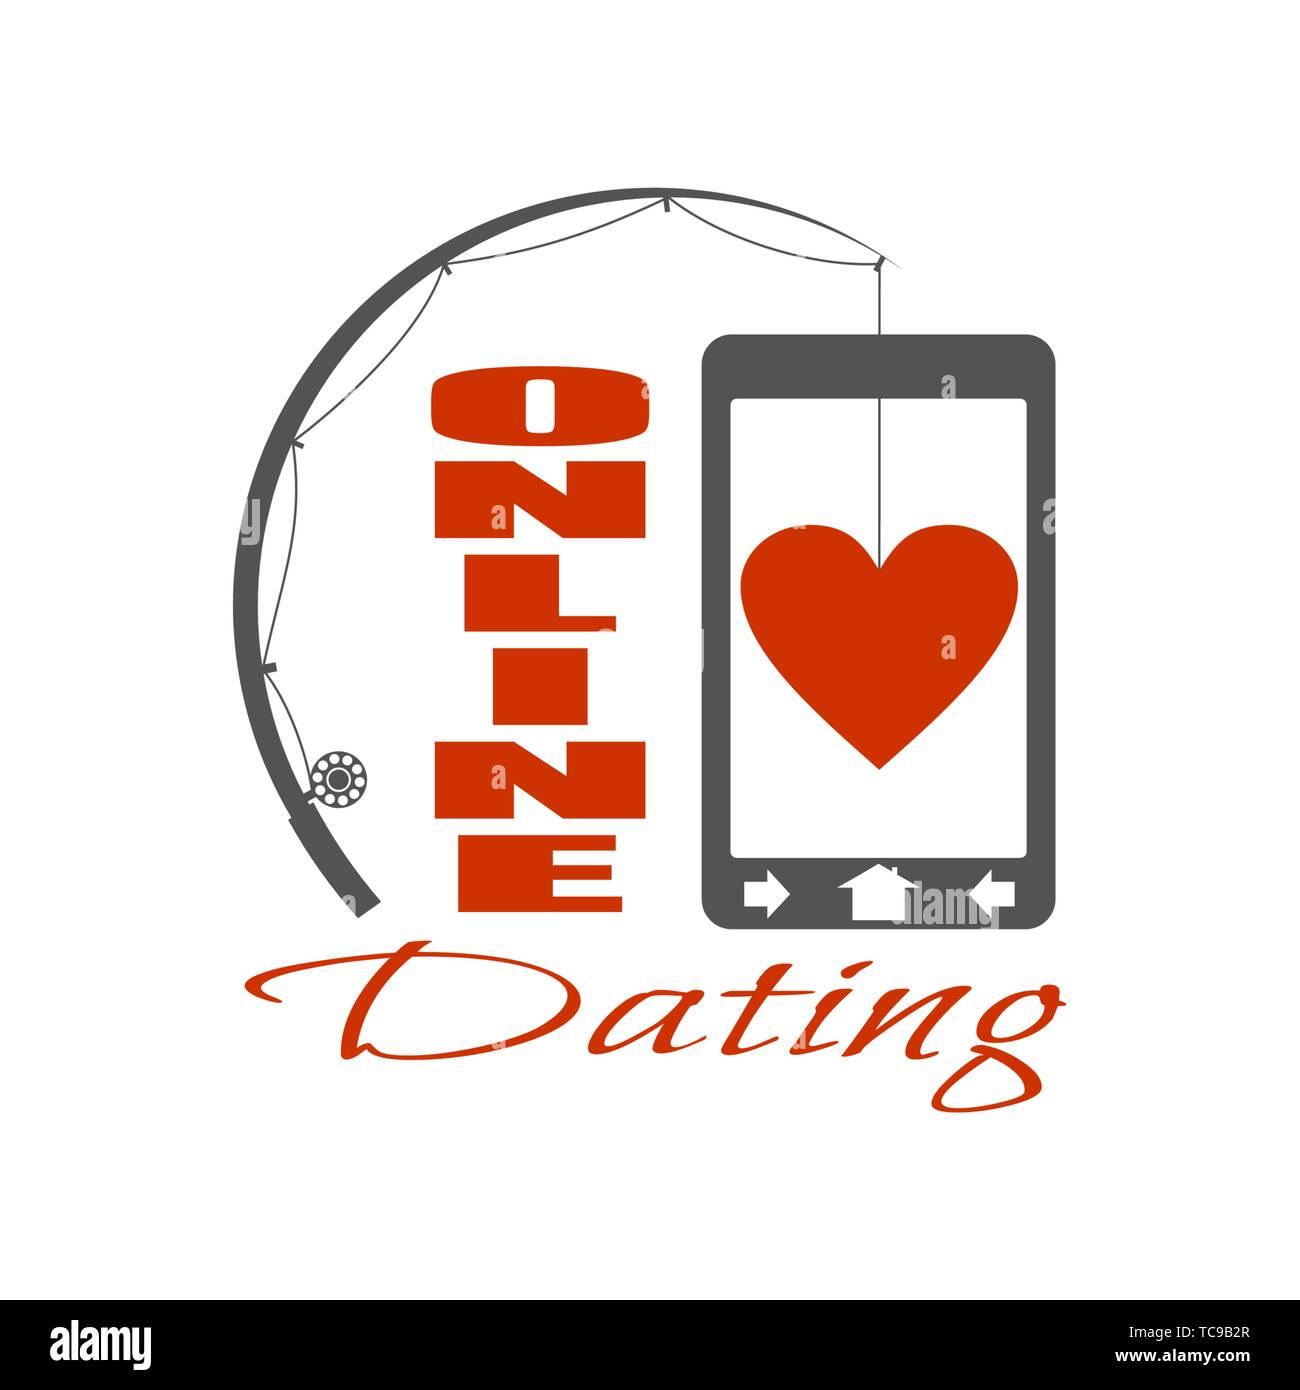 Nopeus dating musta ammattilaisille